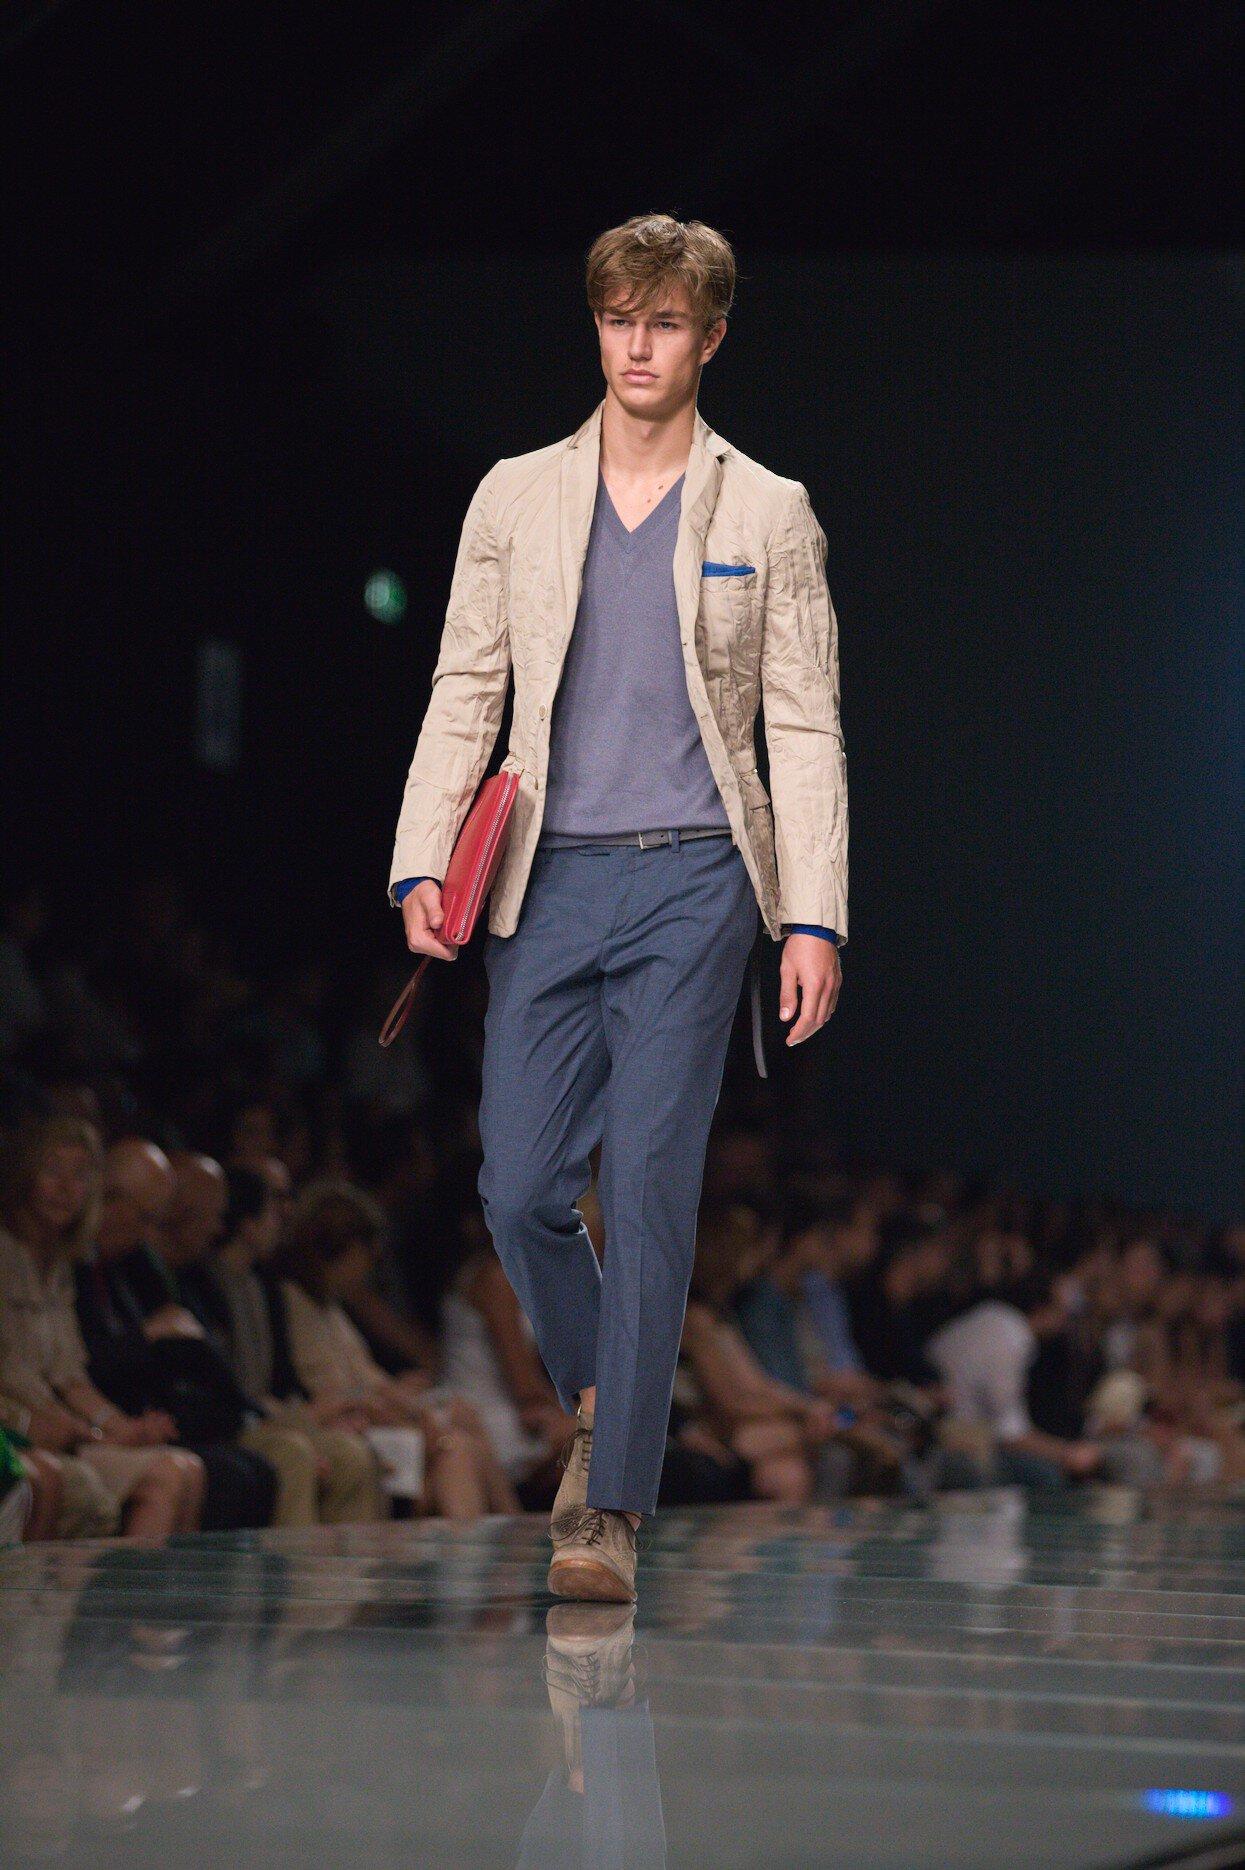 Summer 2013 Fashion Show - Ermanno Scervino